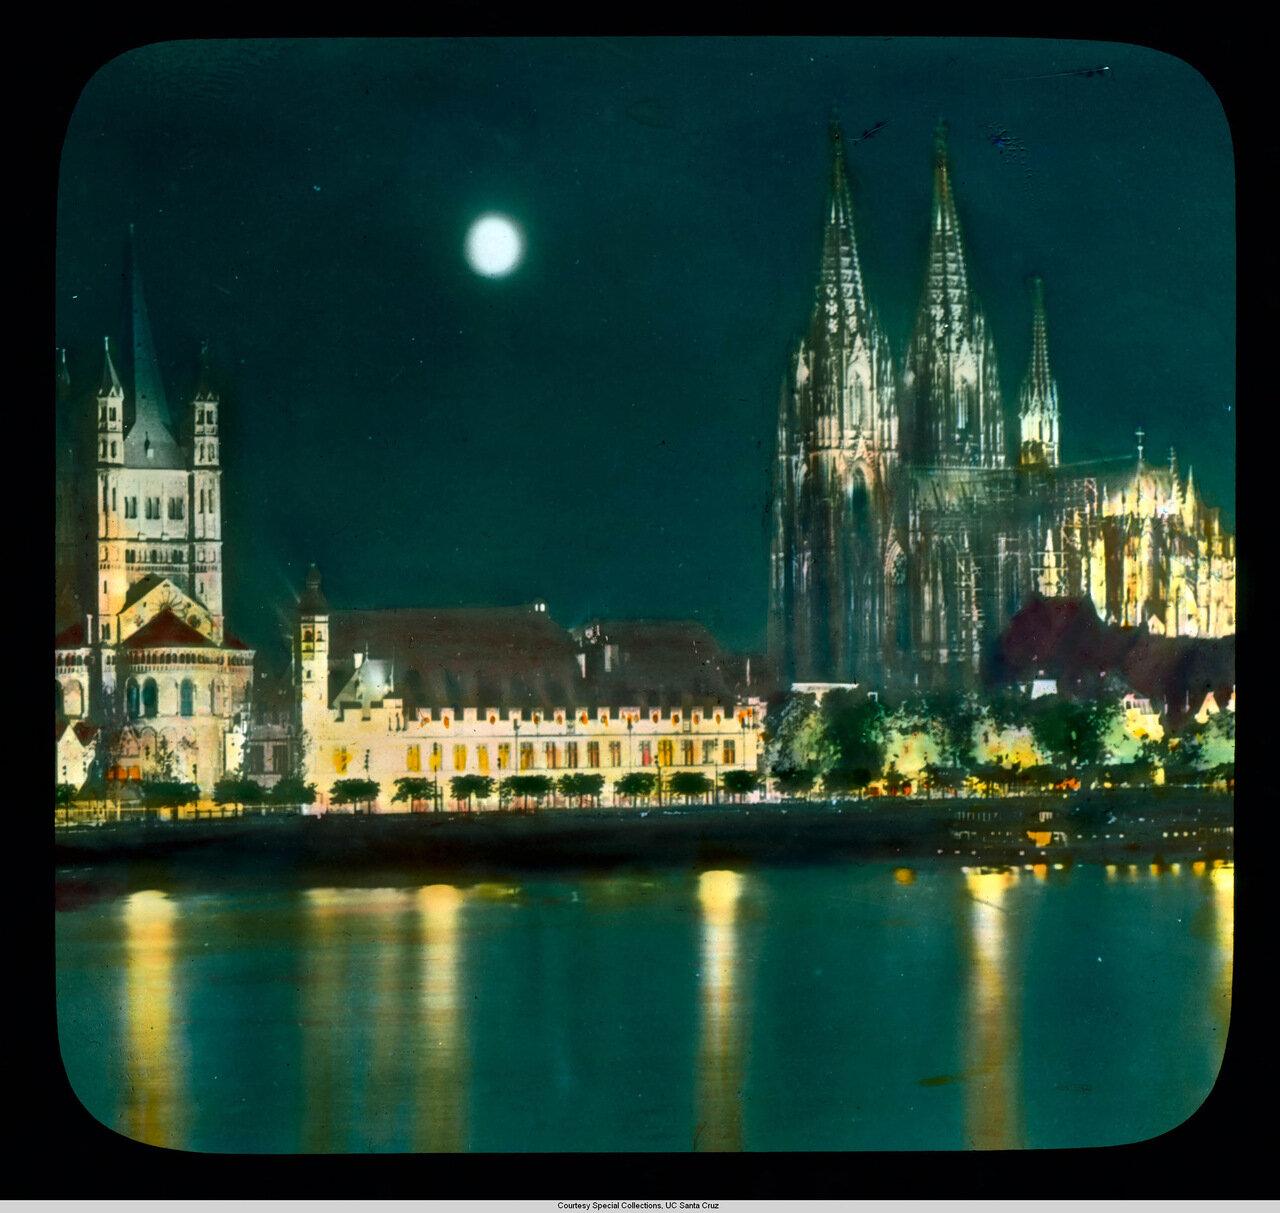 Кельн. Ночная панорама города с Рейна. Видны Собор Св. Мартина, Штапельхаус и Кельнский собор